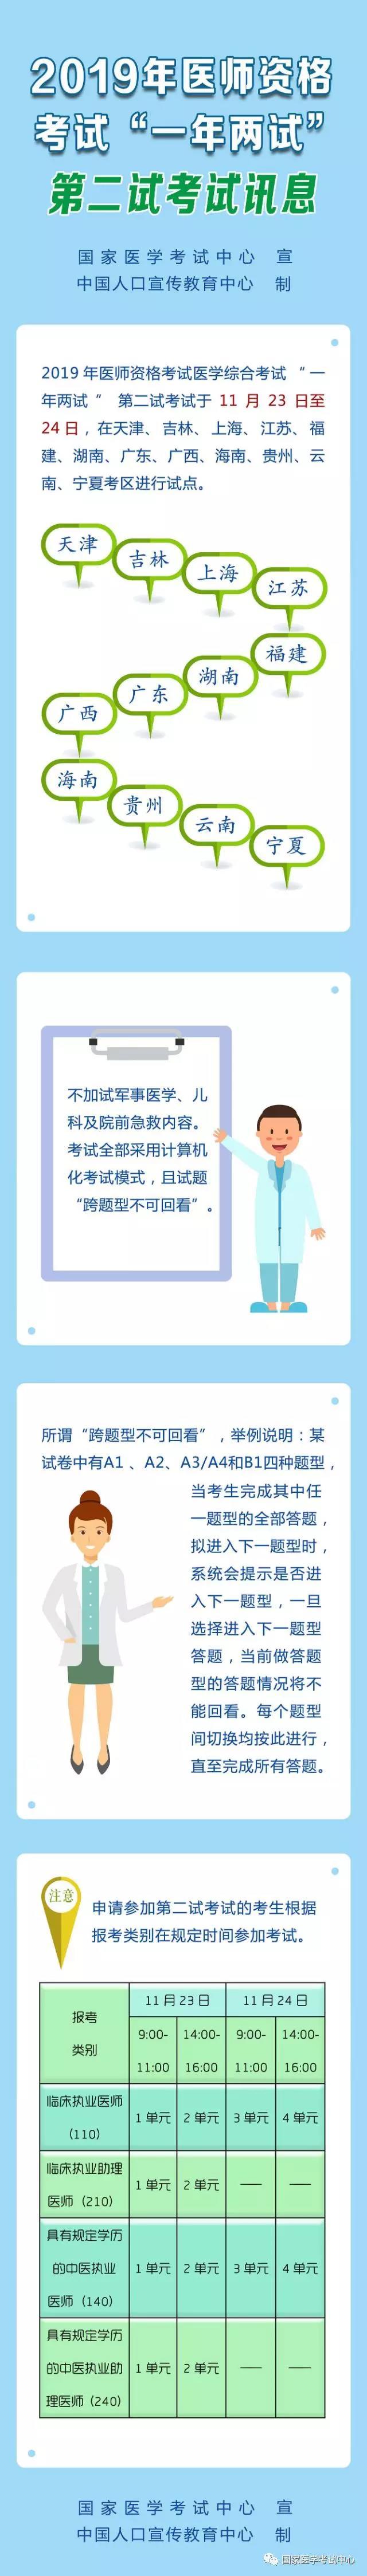 国家医学考试中心2019年医师资格考试第二试考试安排